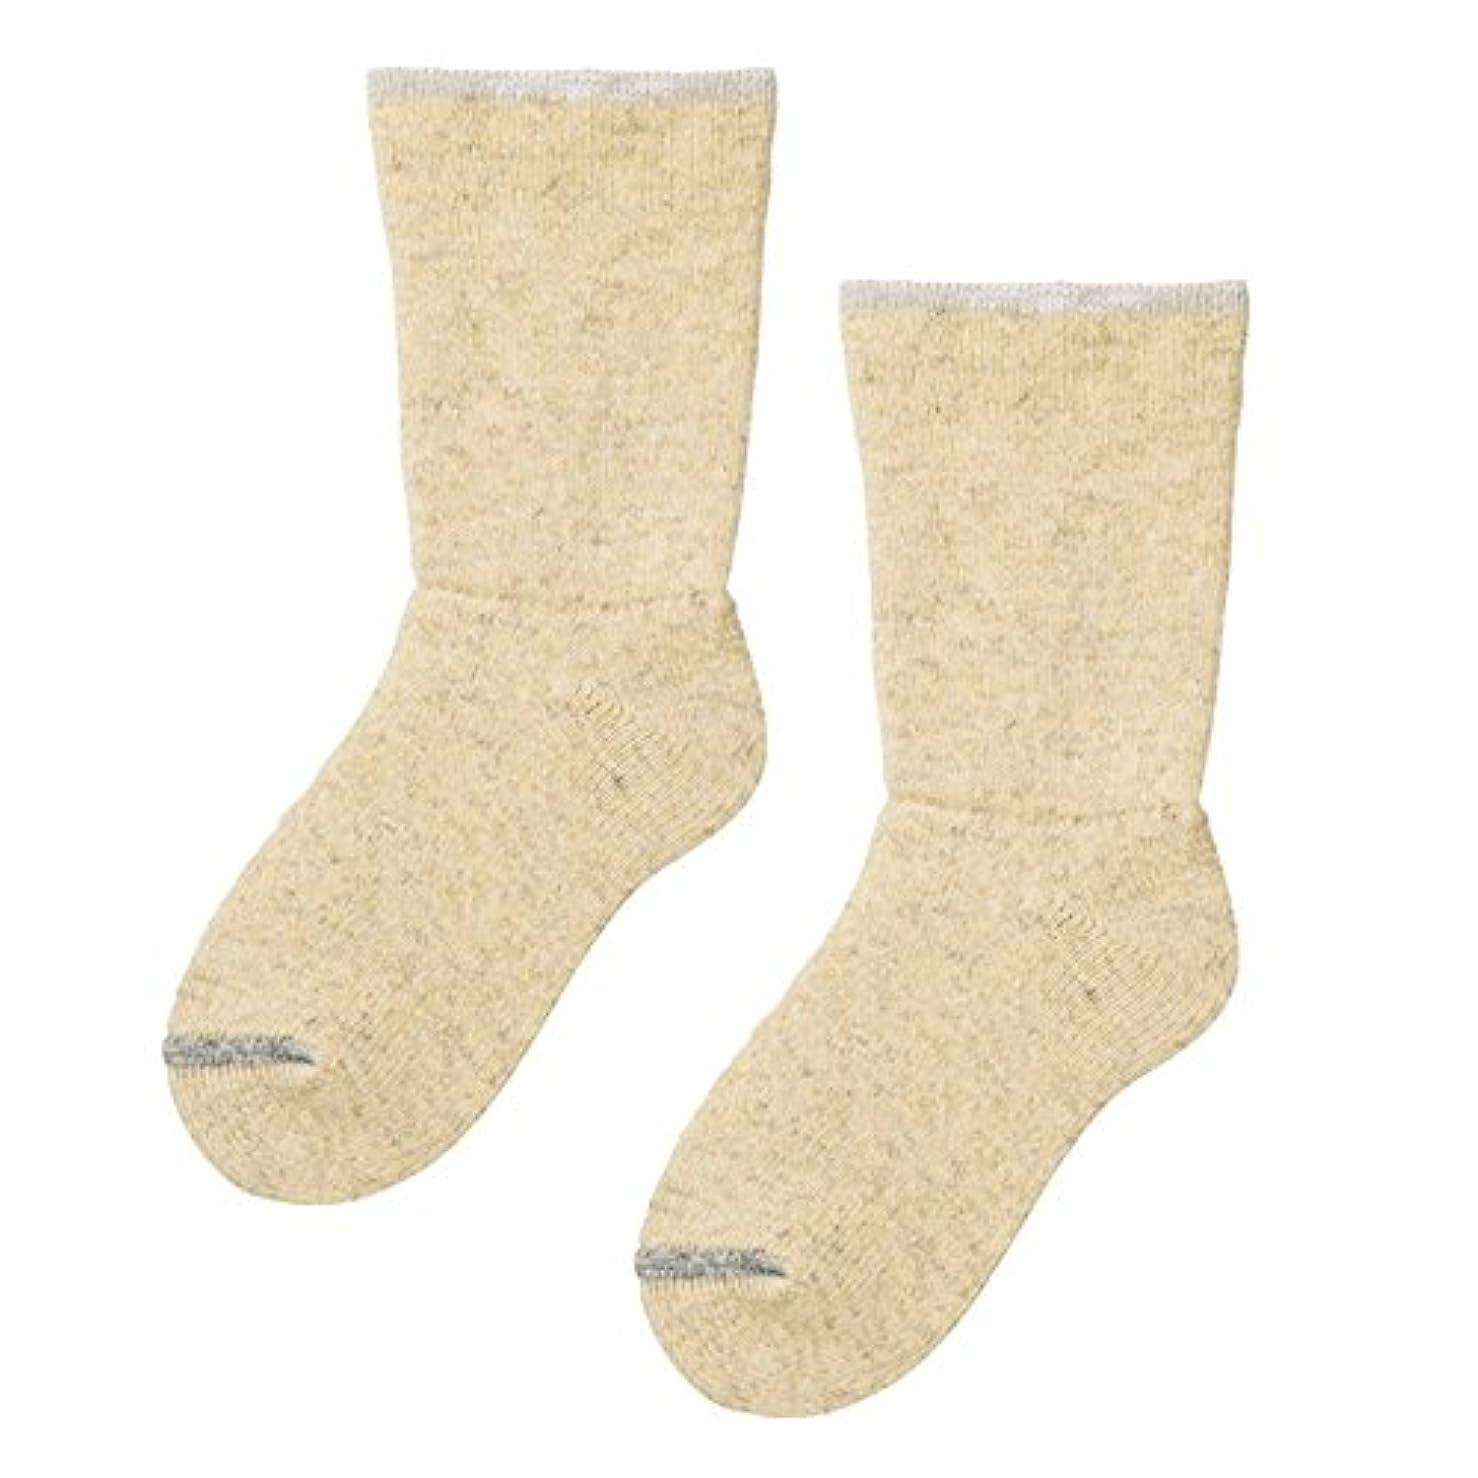 ピンチ解明オーバーコート砂山靴下 Carelance(ケアランス) お風呂上りの靴下 二重編み 8590CA-80 ベージュ